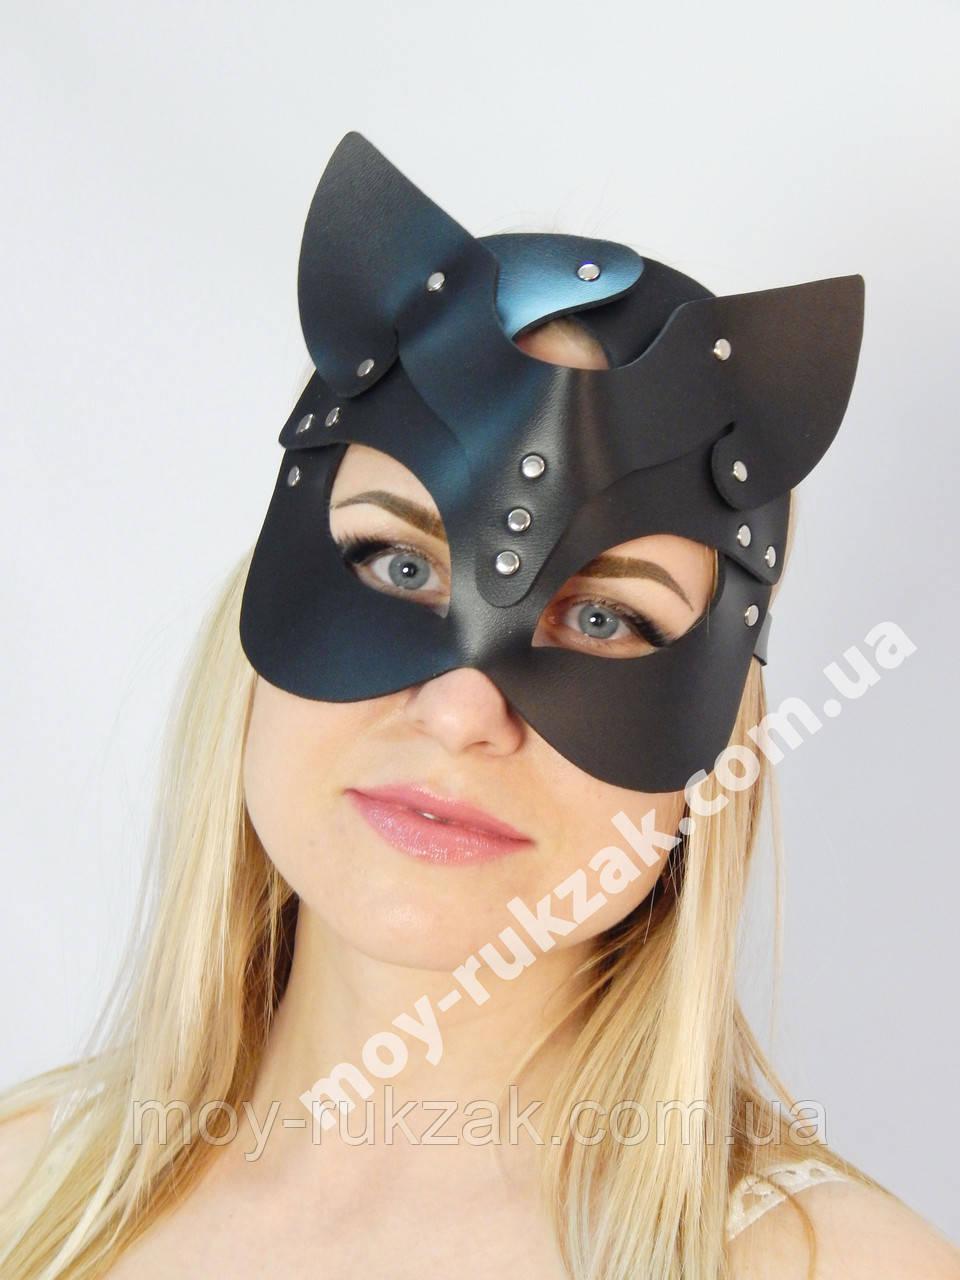 Женская портупея на лицо, маска кошки черная арт.930802